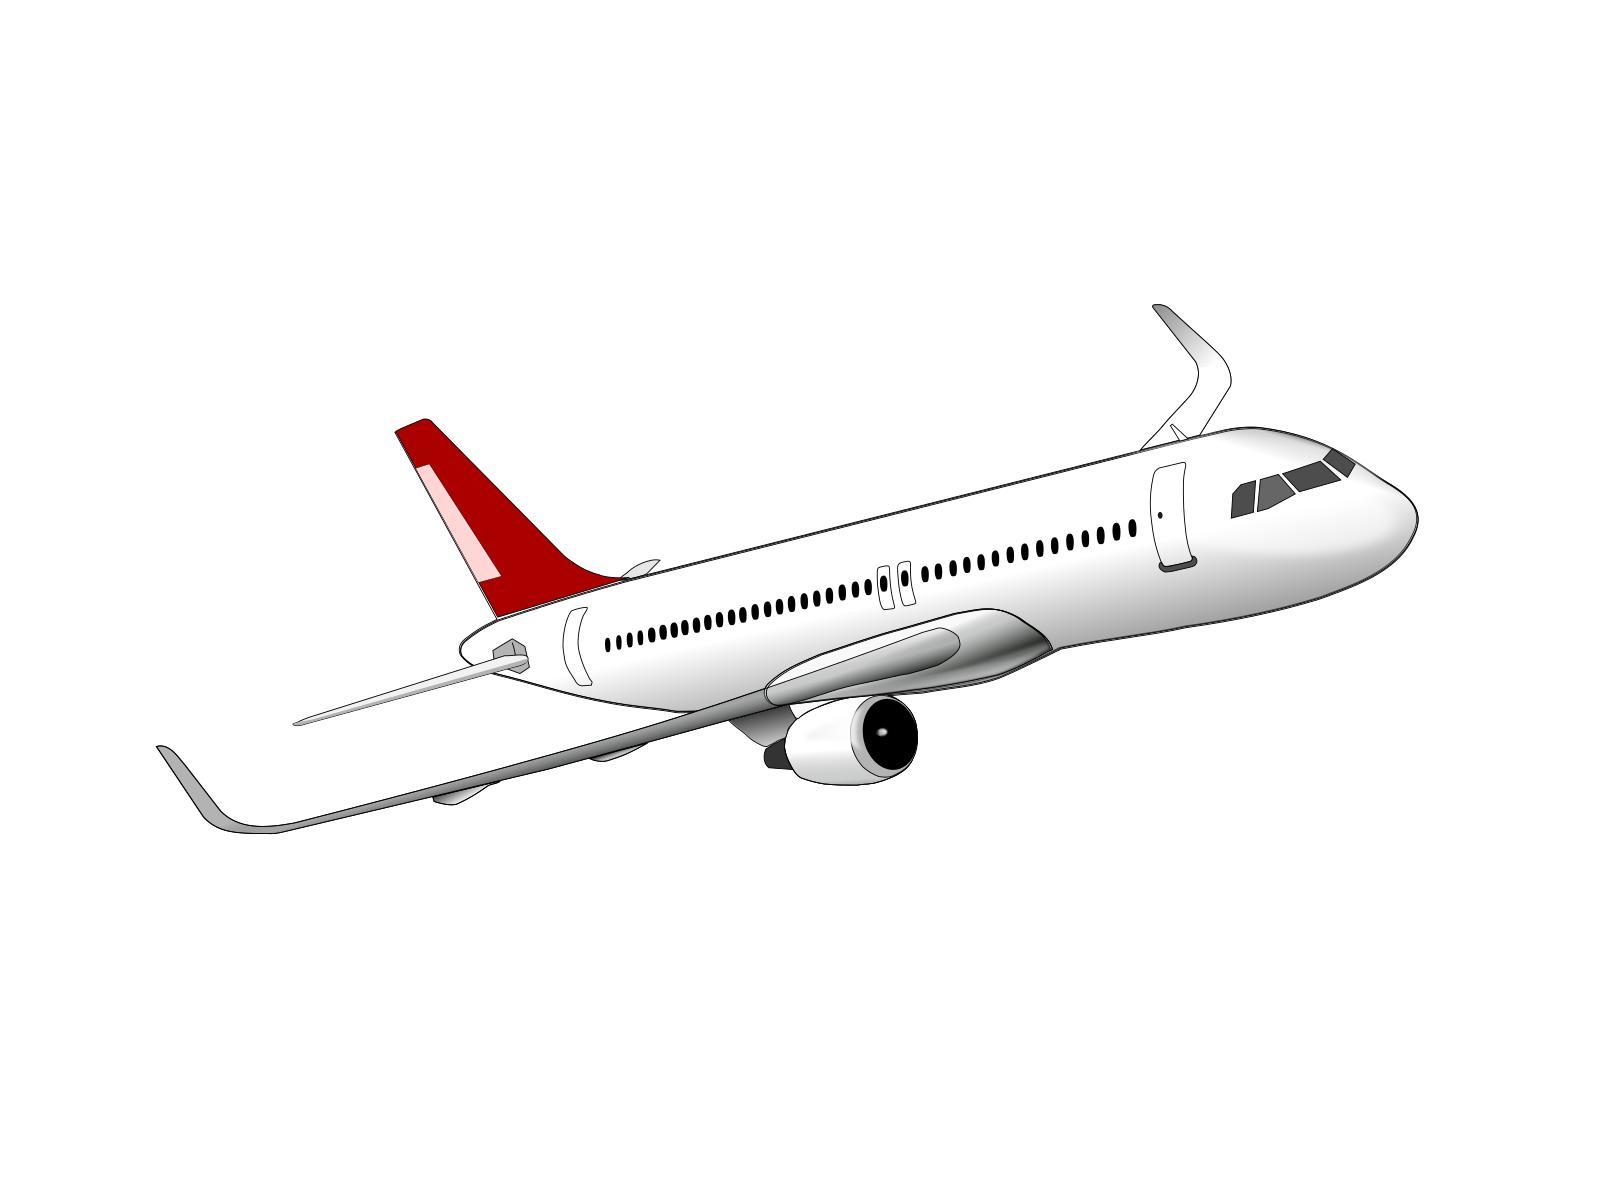 Airbus Clipart